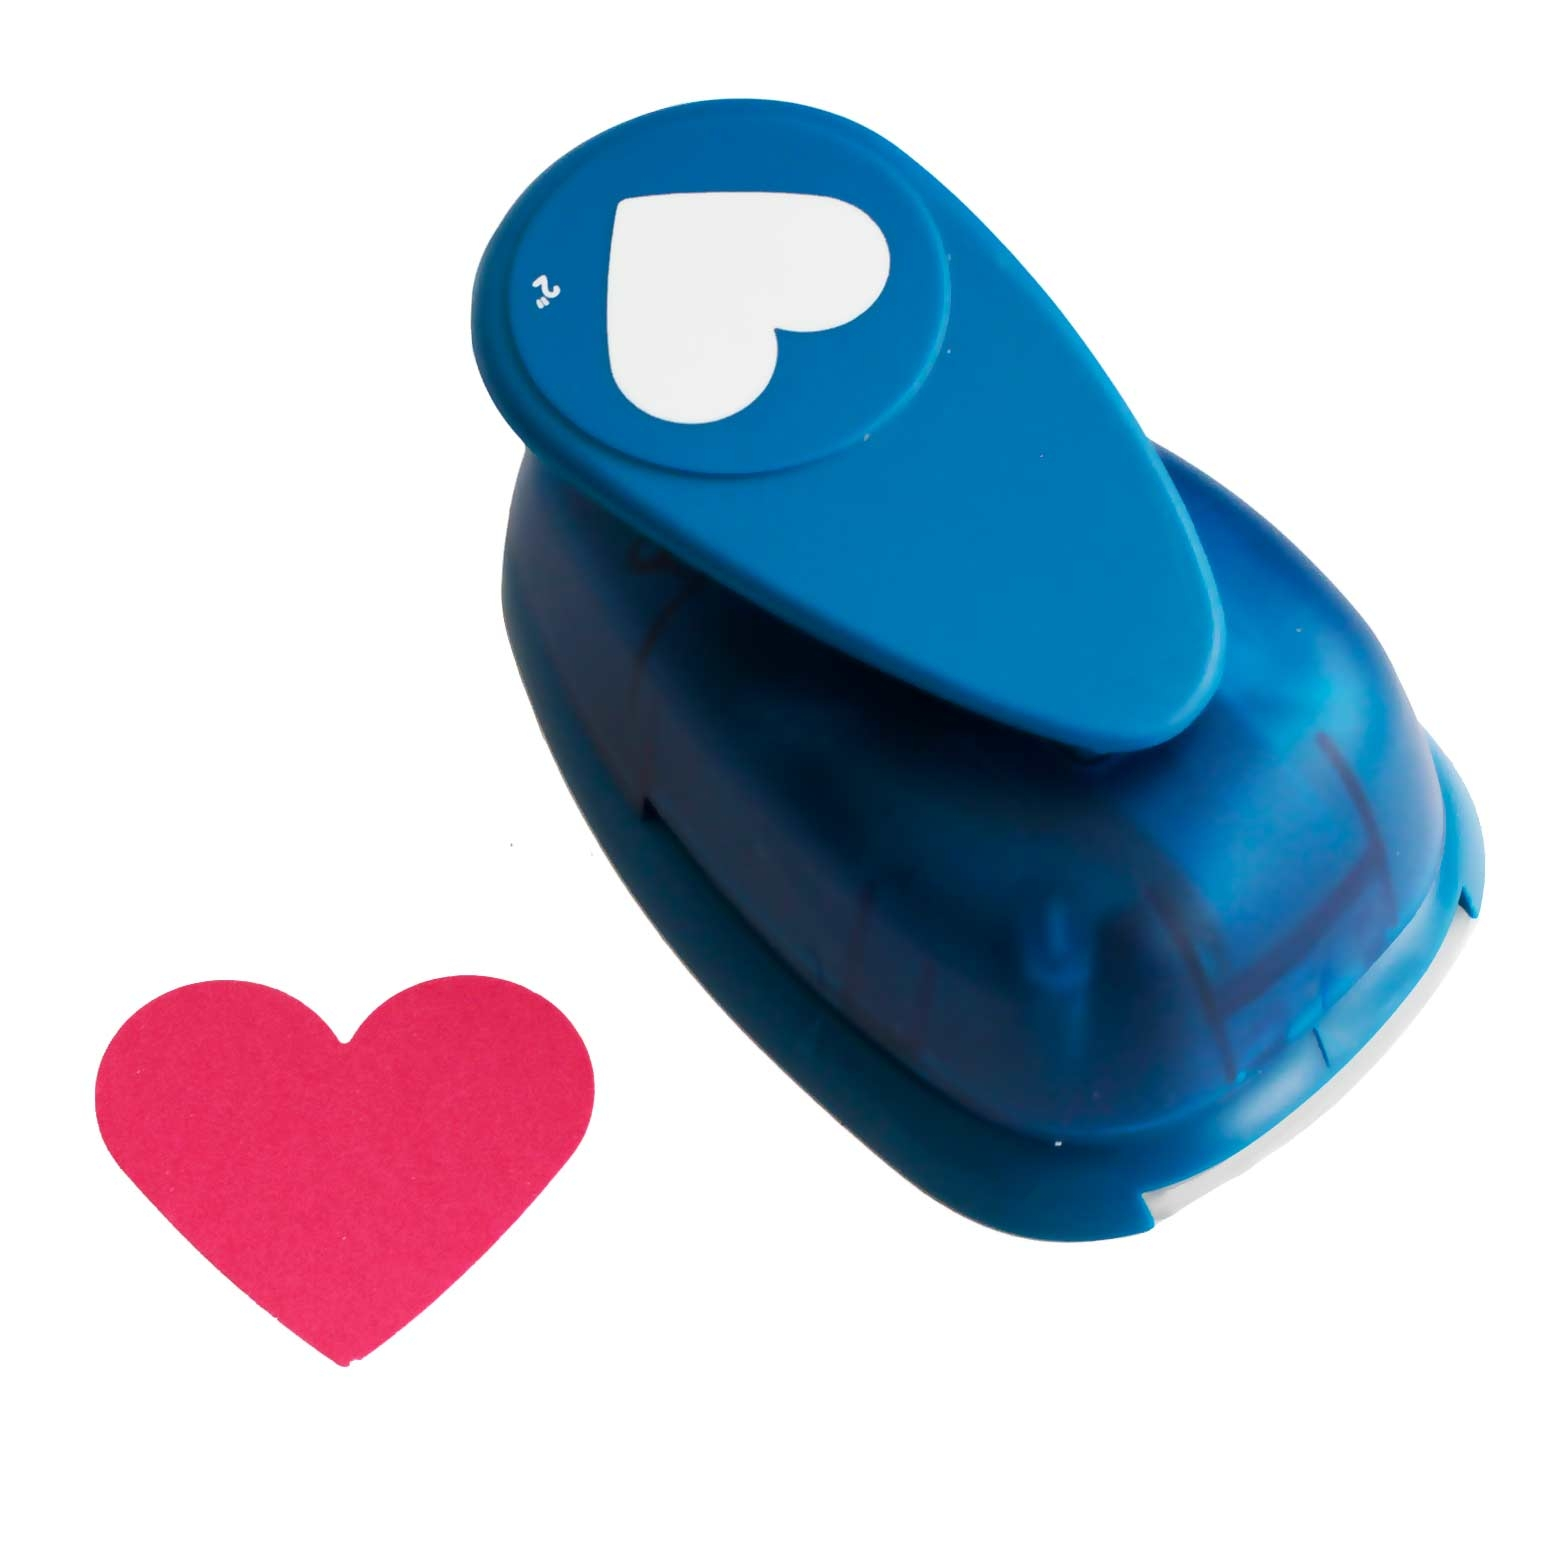 Troqueladora corazón 5 cm